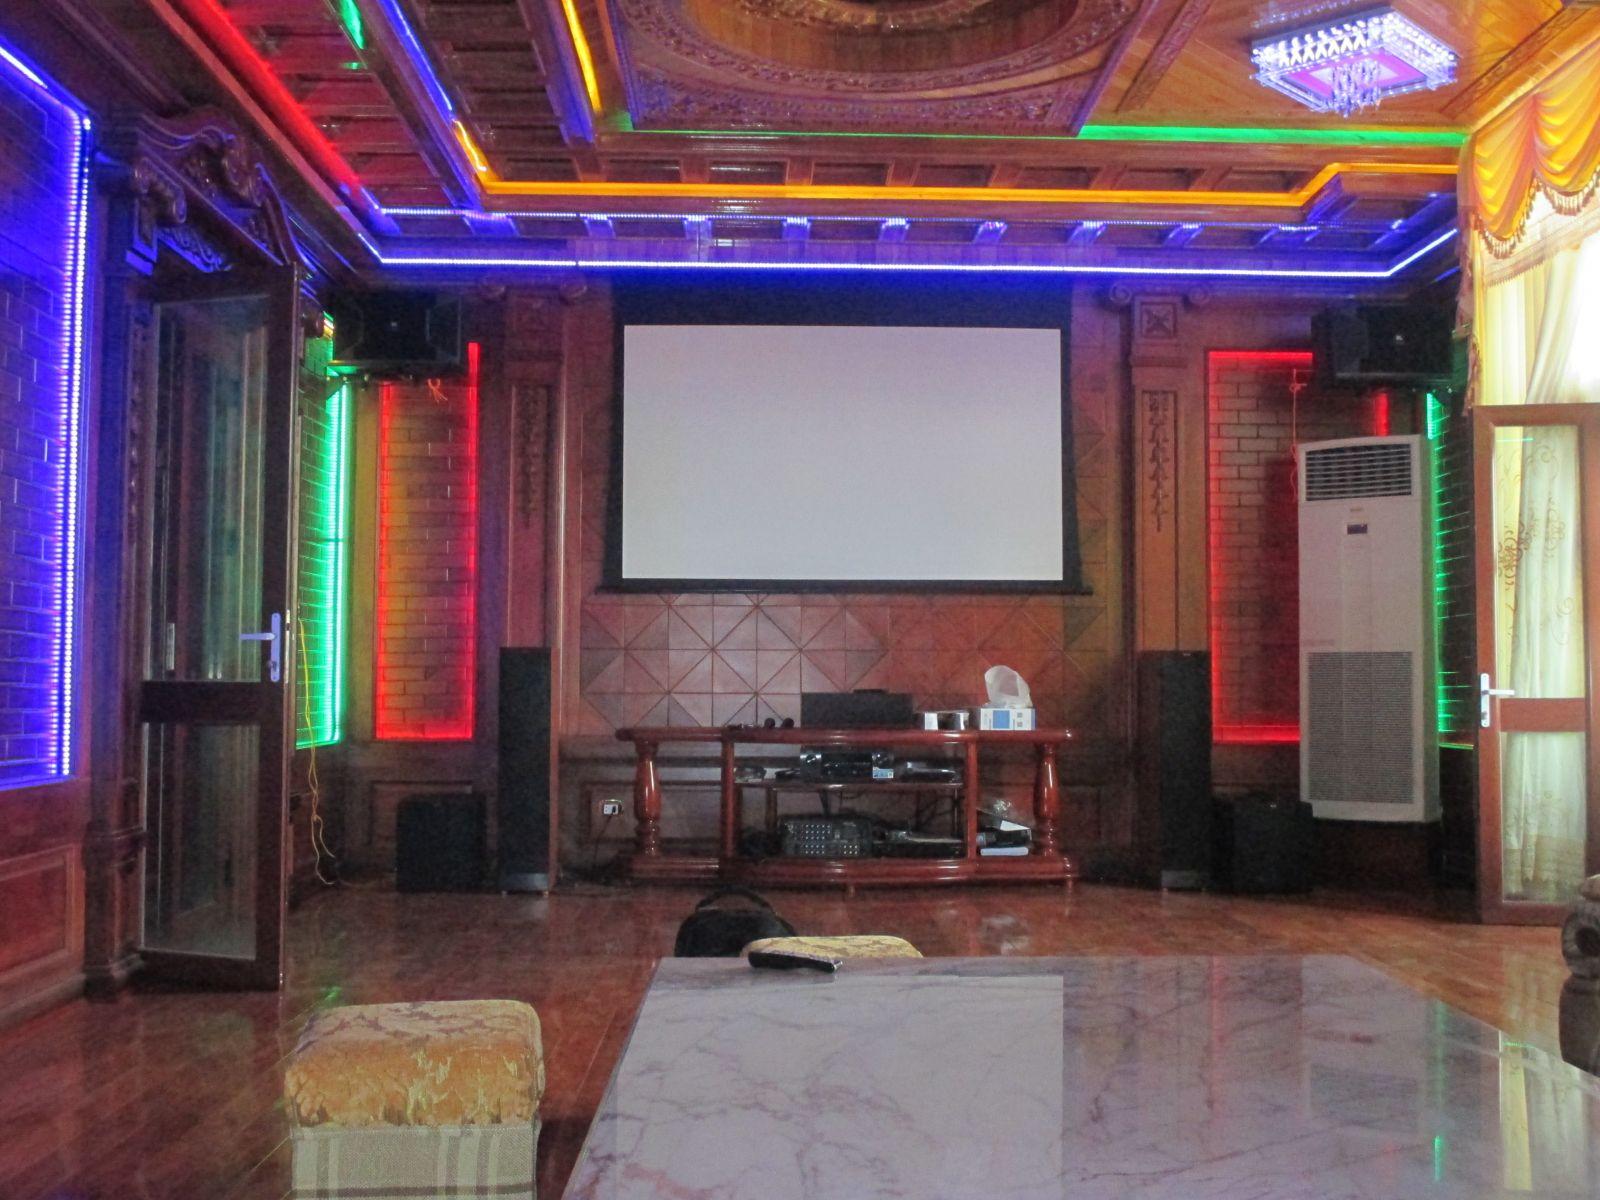 Hải Hưng lắp đặt phòng chiếu phim kết hợp karaoke tại Hải Phòng